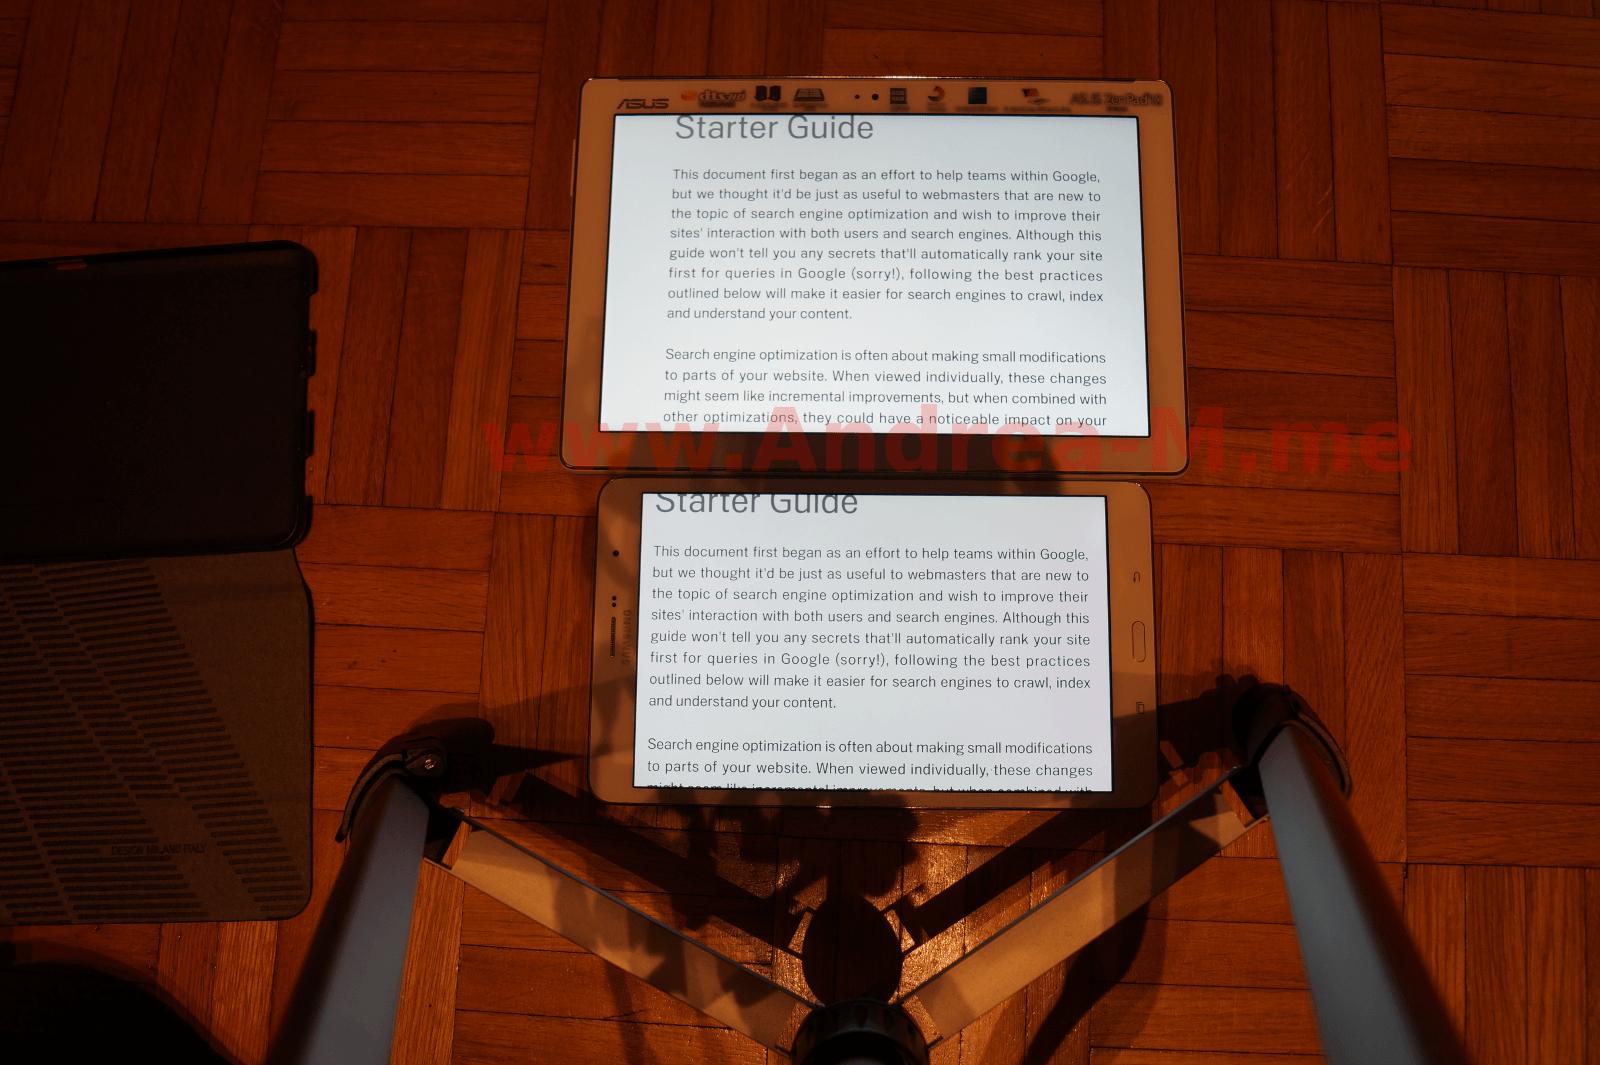 Tablet a Confronto in Modalità Landscape Con Zoom